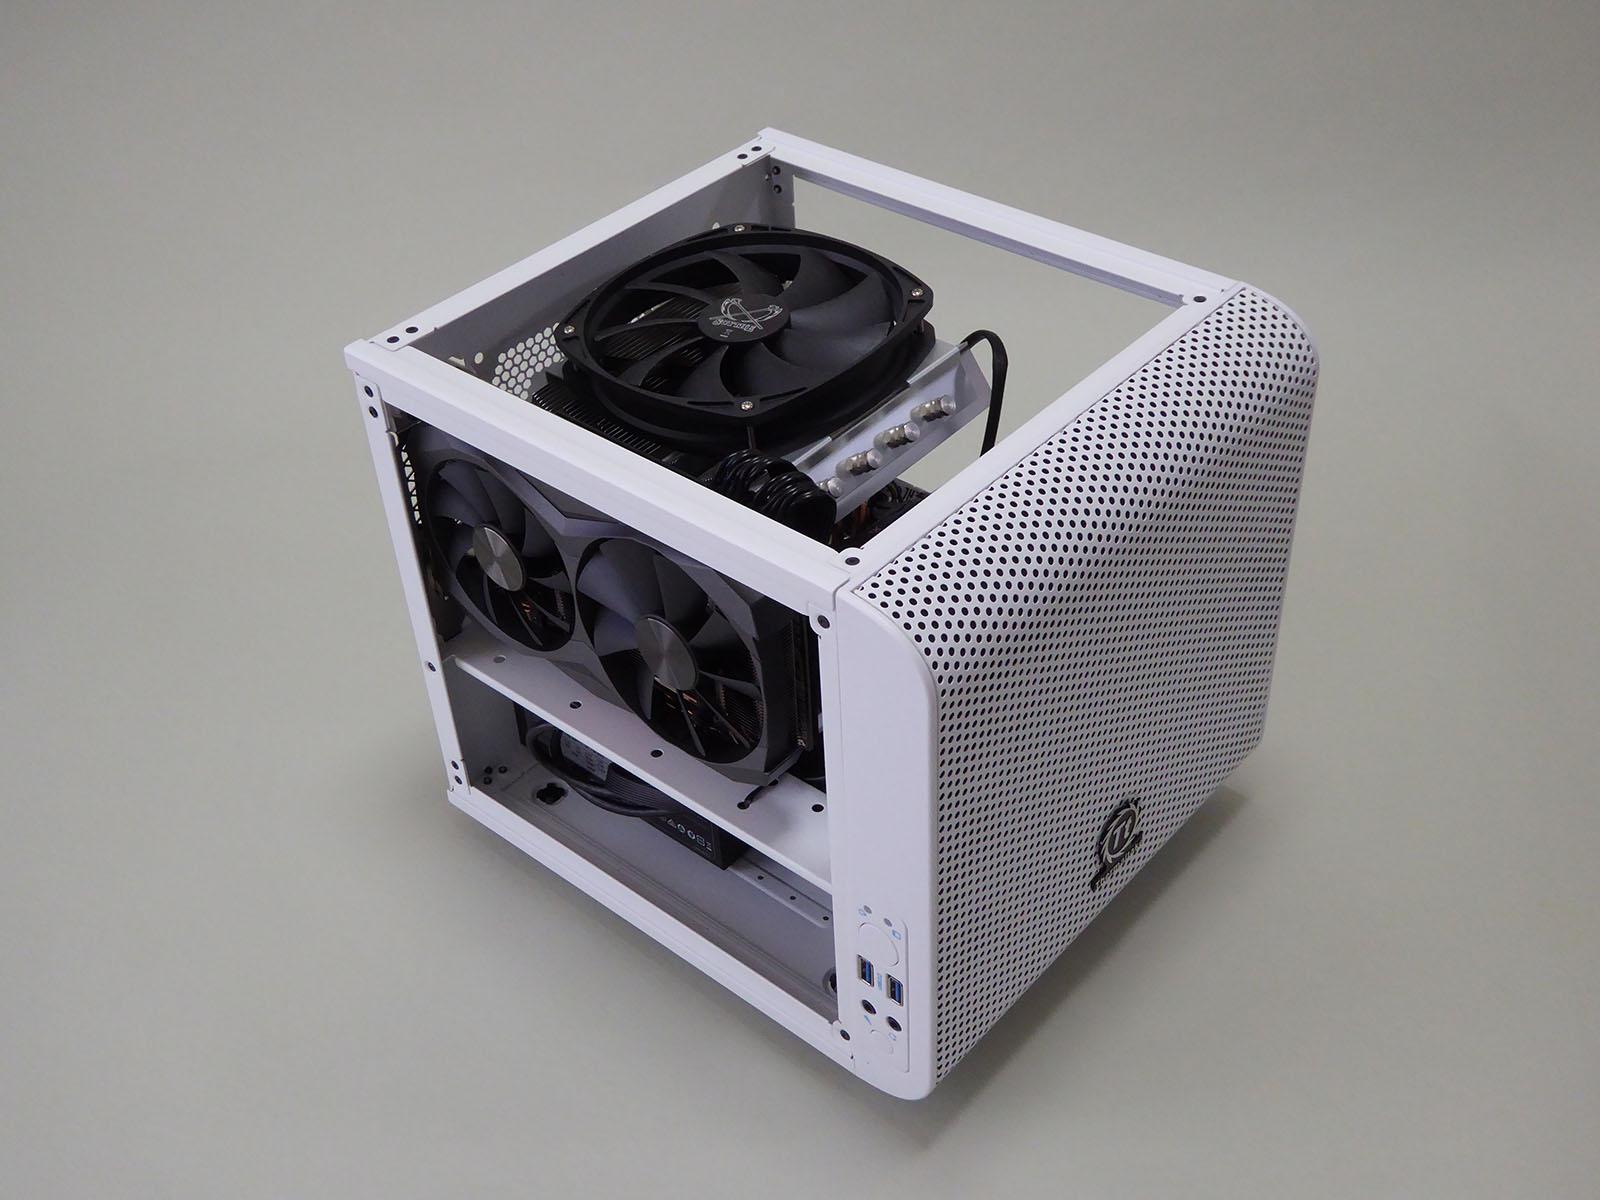 Core V1は、キューブPCとしてはやや大型ではあるが、ハイエンドGPUのGeForce GTX 1080 Ti Miniにとってちょうどよいサイズ感でもある印象だ。